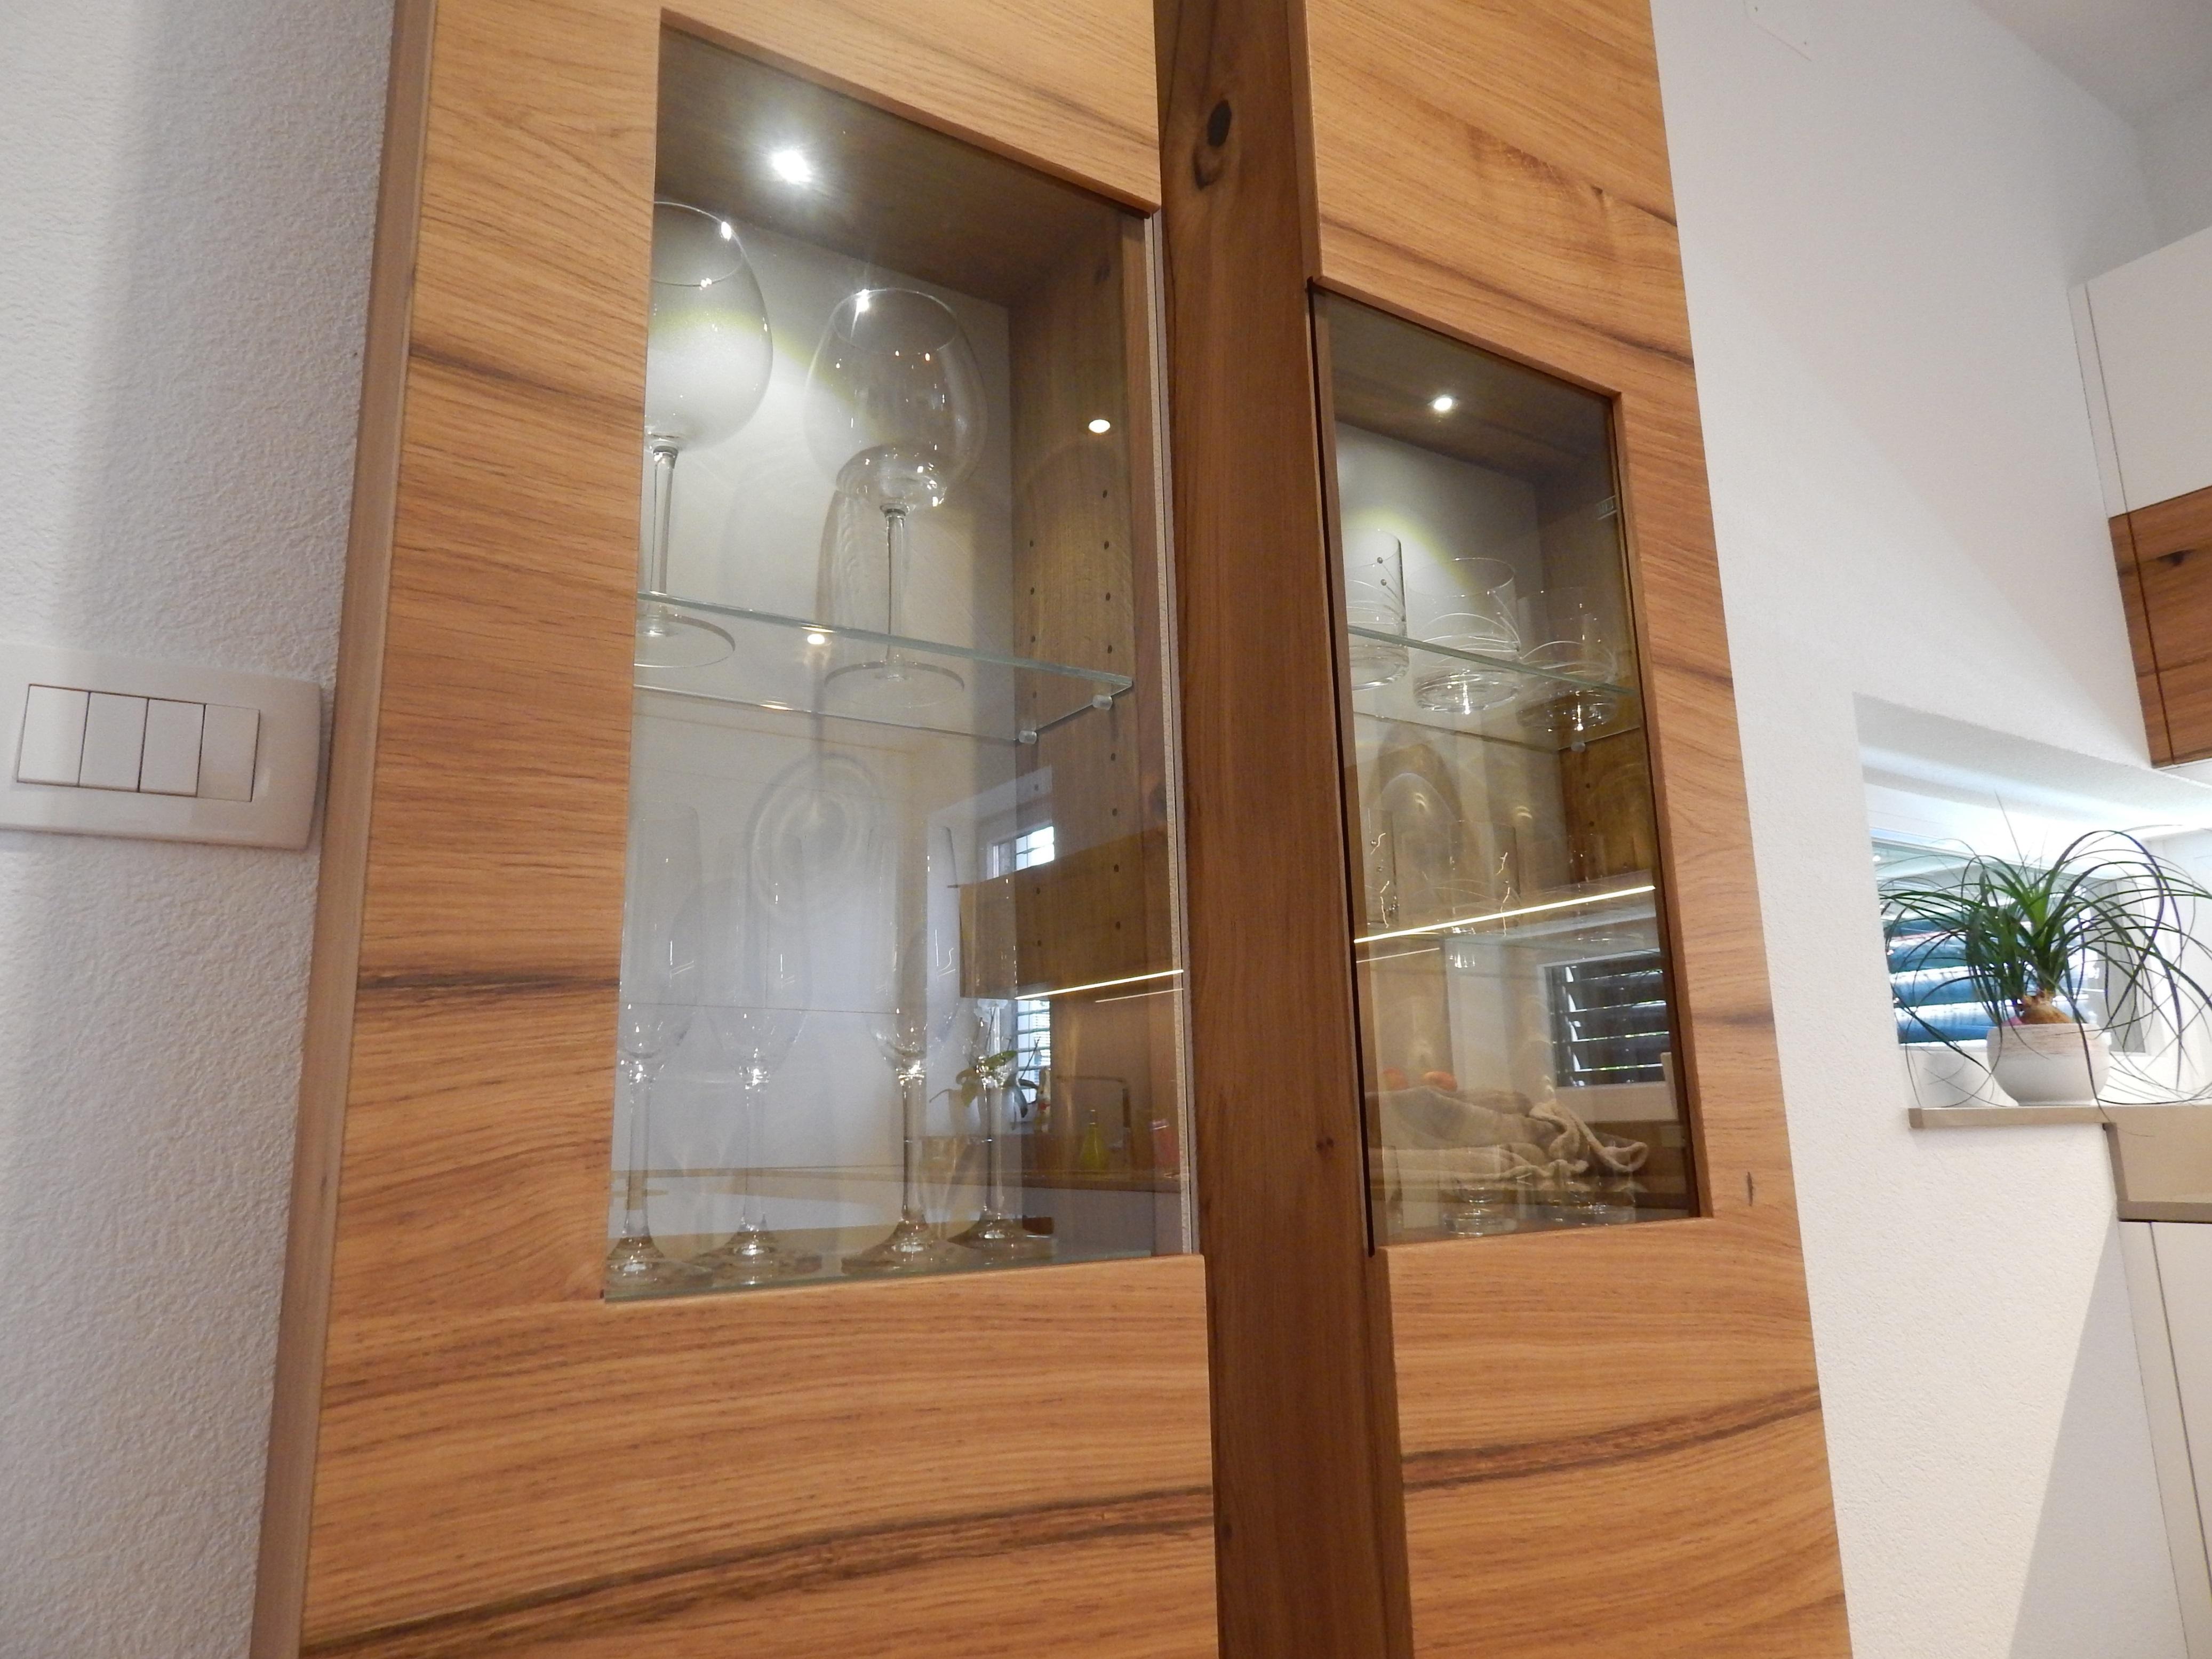 furnirana kuhinjska vitrina s steklom, vitrina za kozarce v beli kuhinji